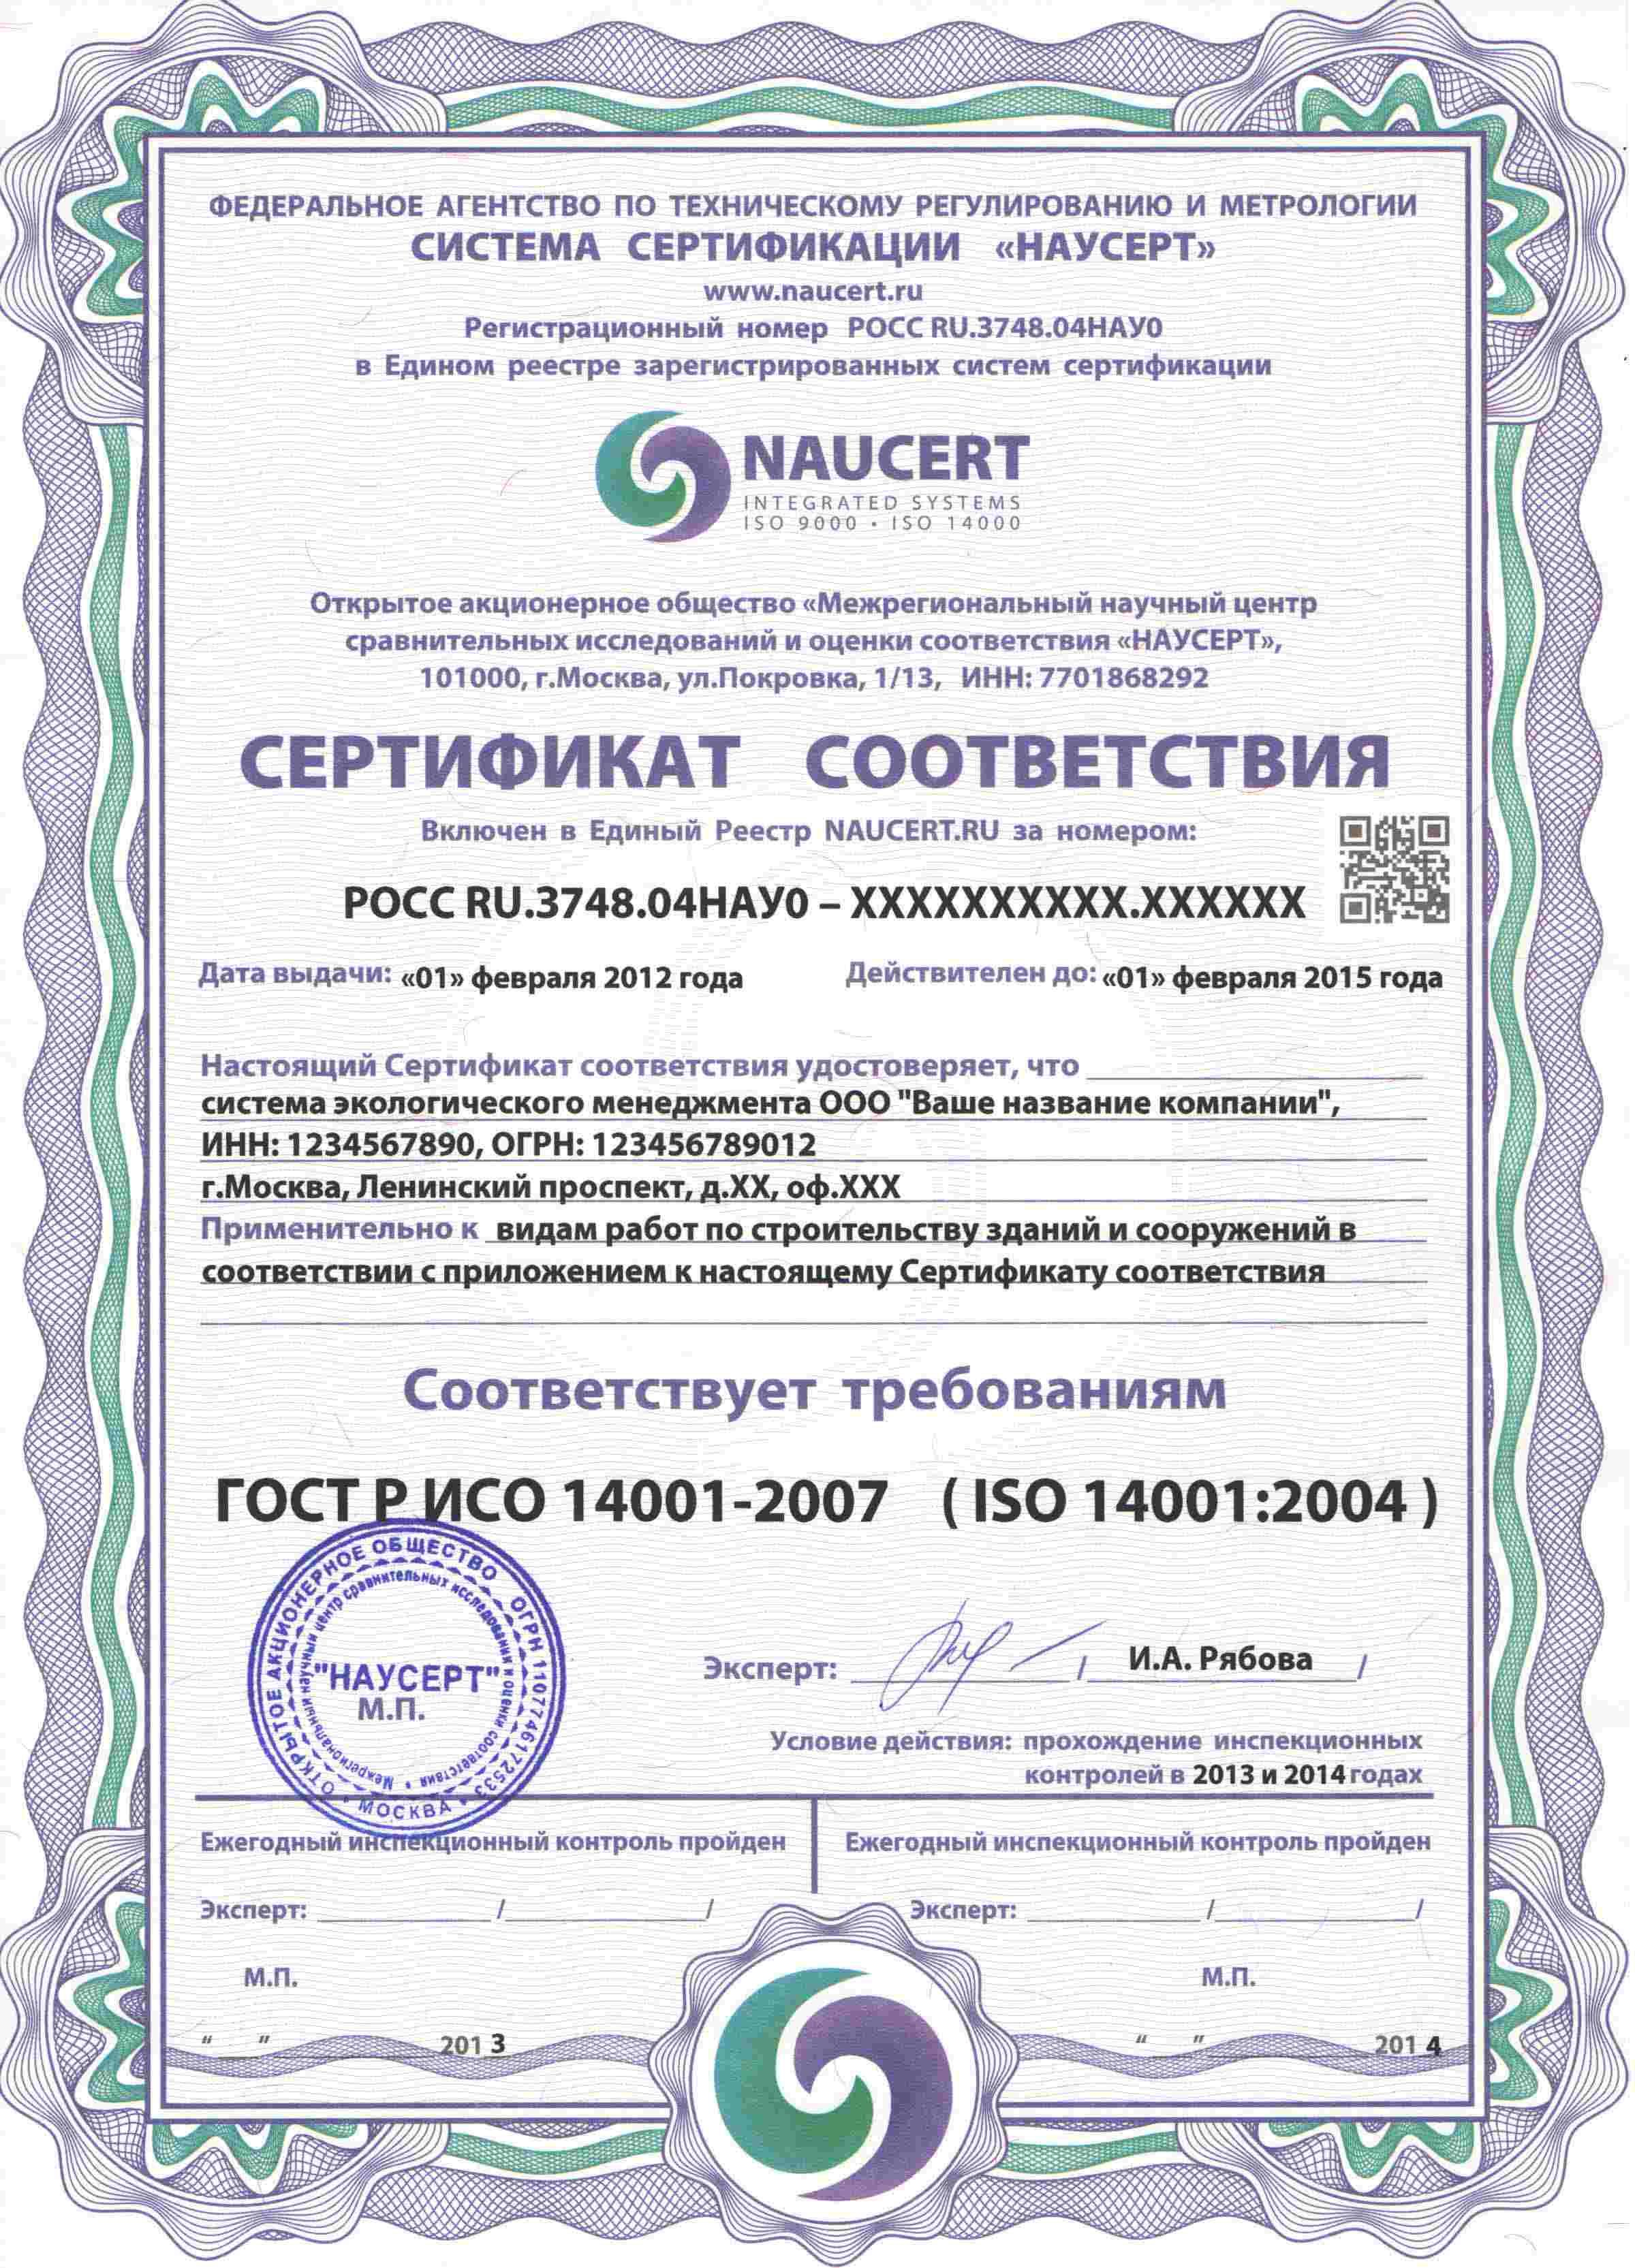 Сертификация по iso 14001 сертификация специальность косметология